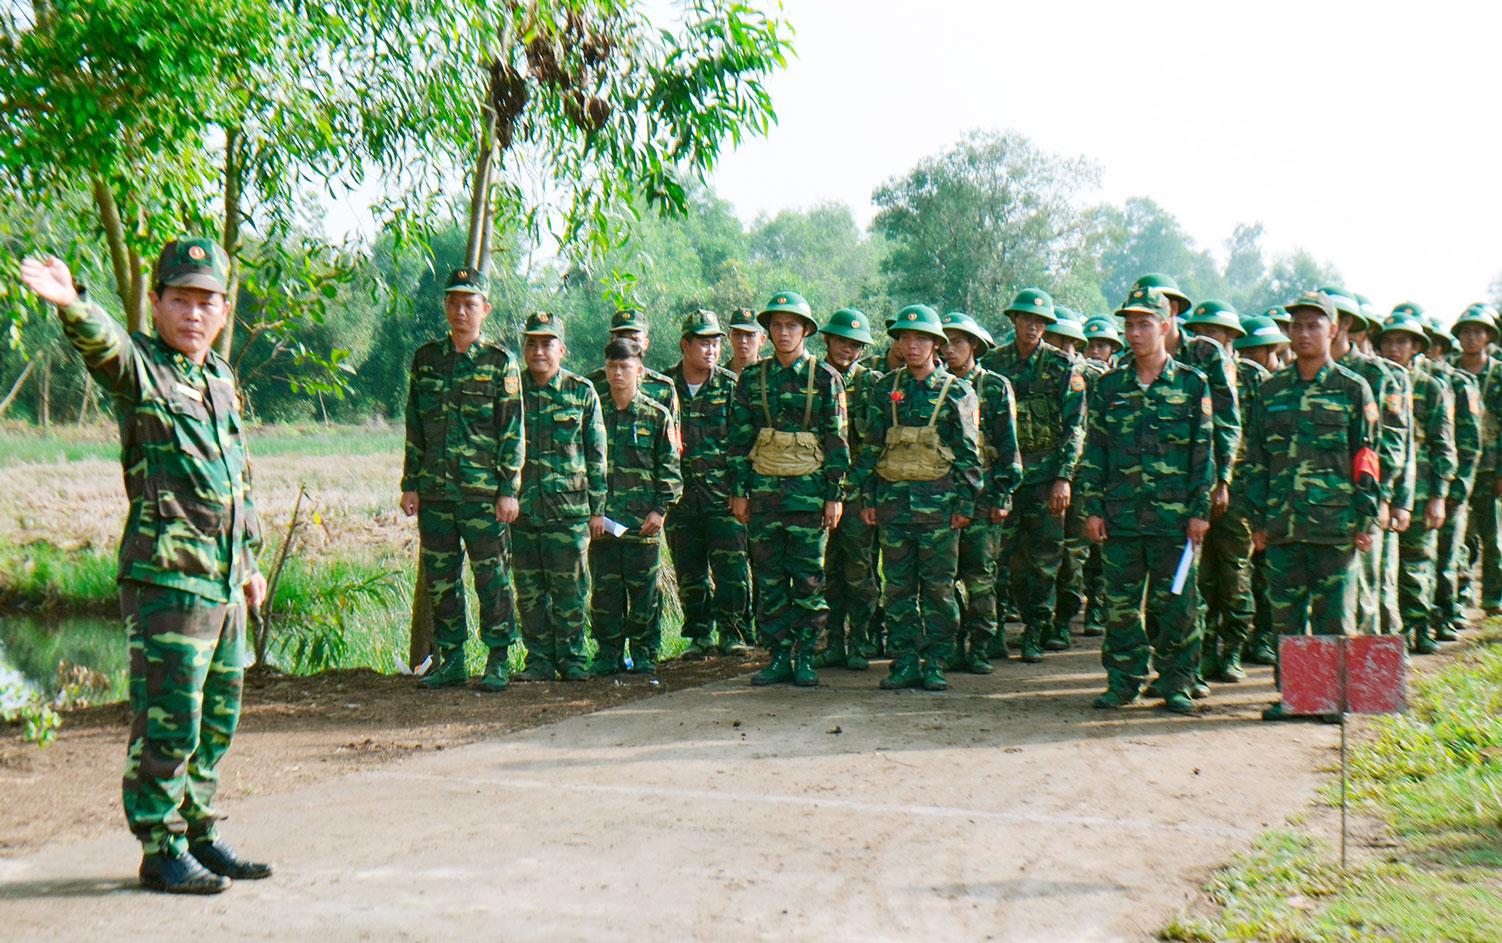 Hướng dẫn chiến sĩ mới thực hành chính xác các kỹ thuật, yếu lĩnh động tác